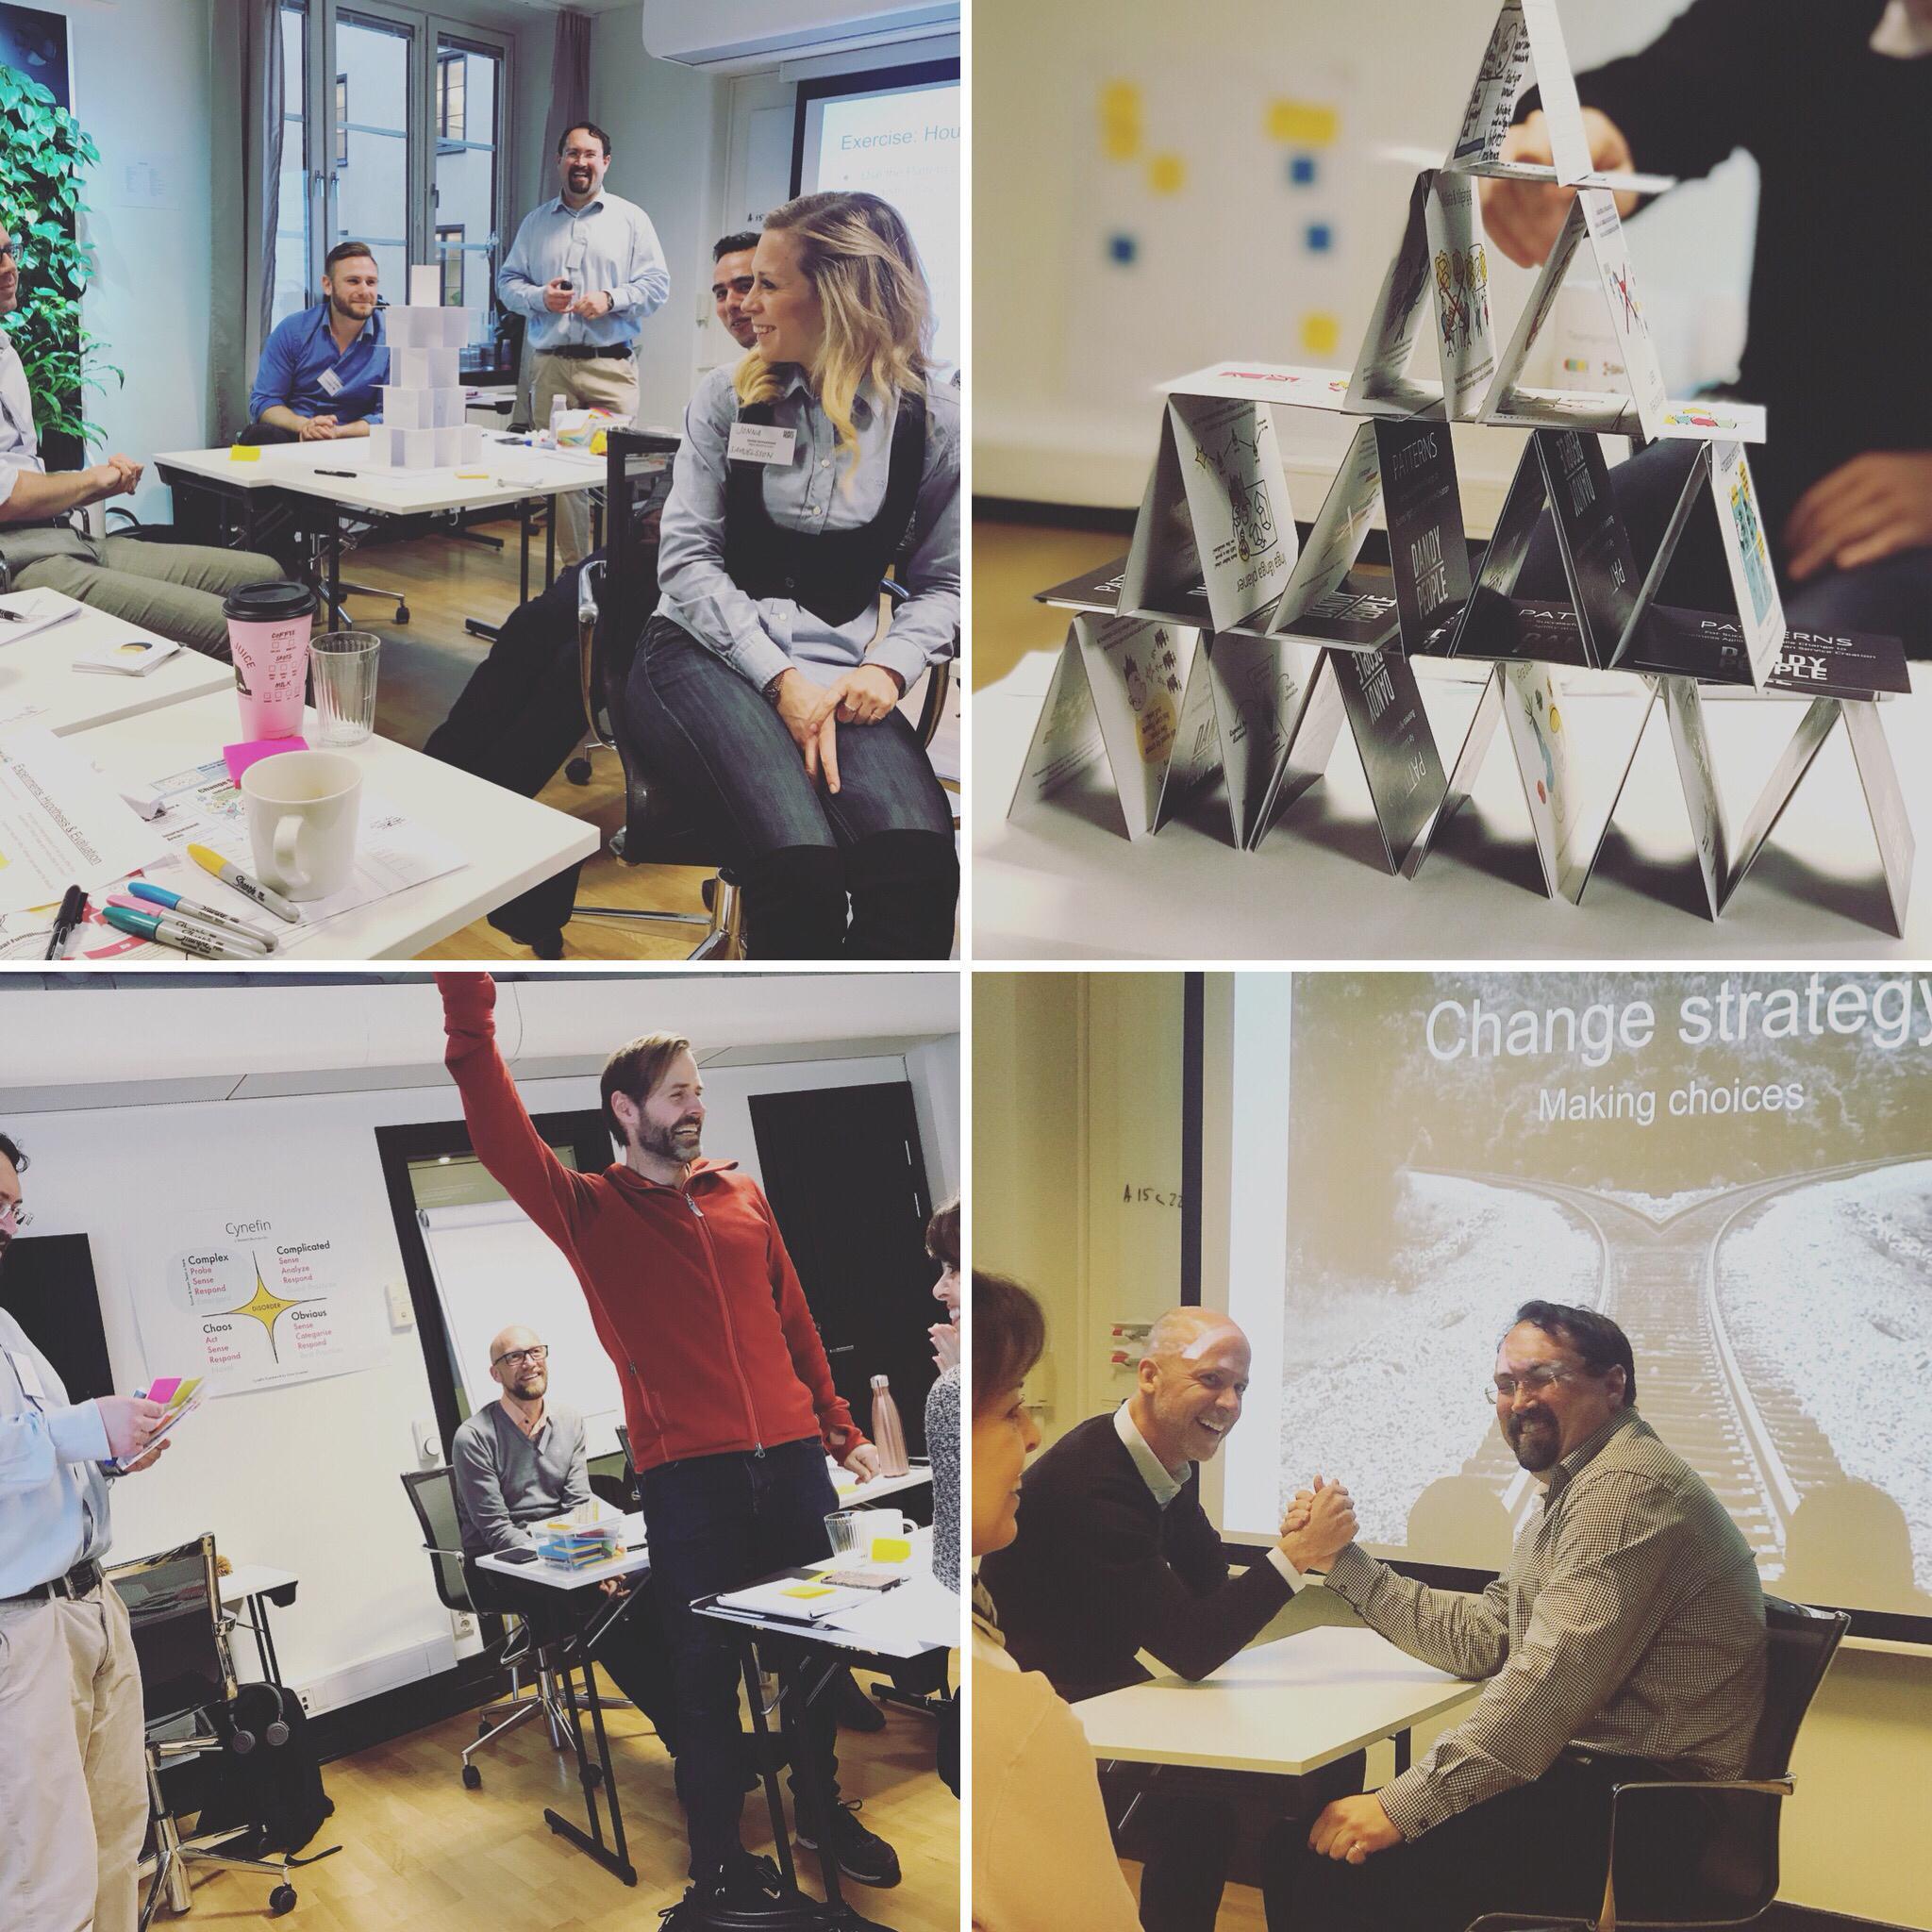 Agile Change Management Training